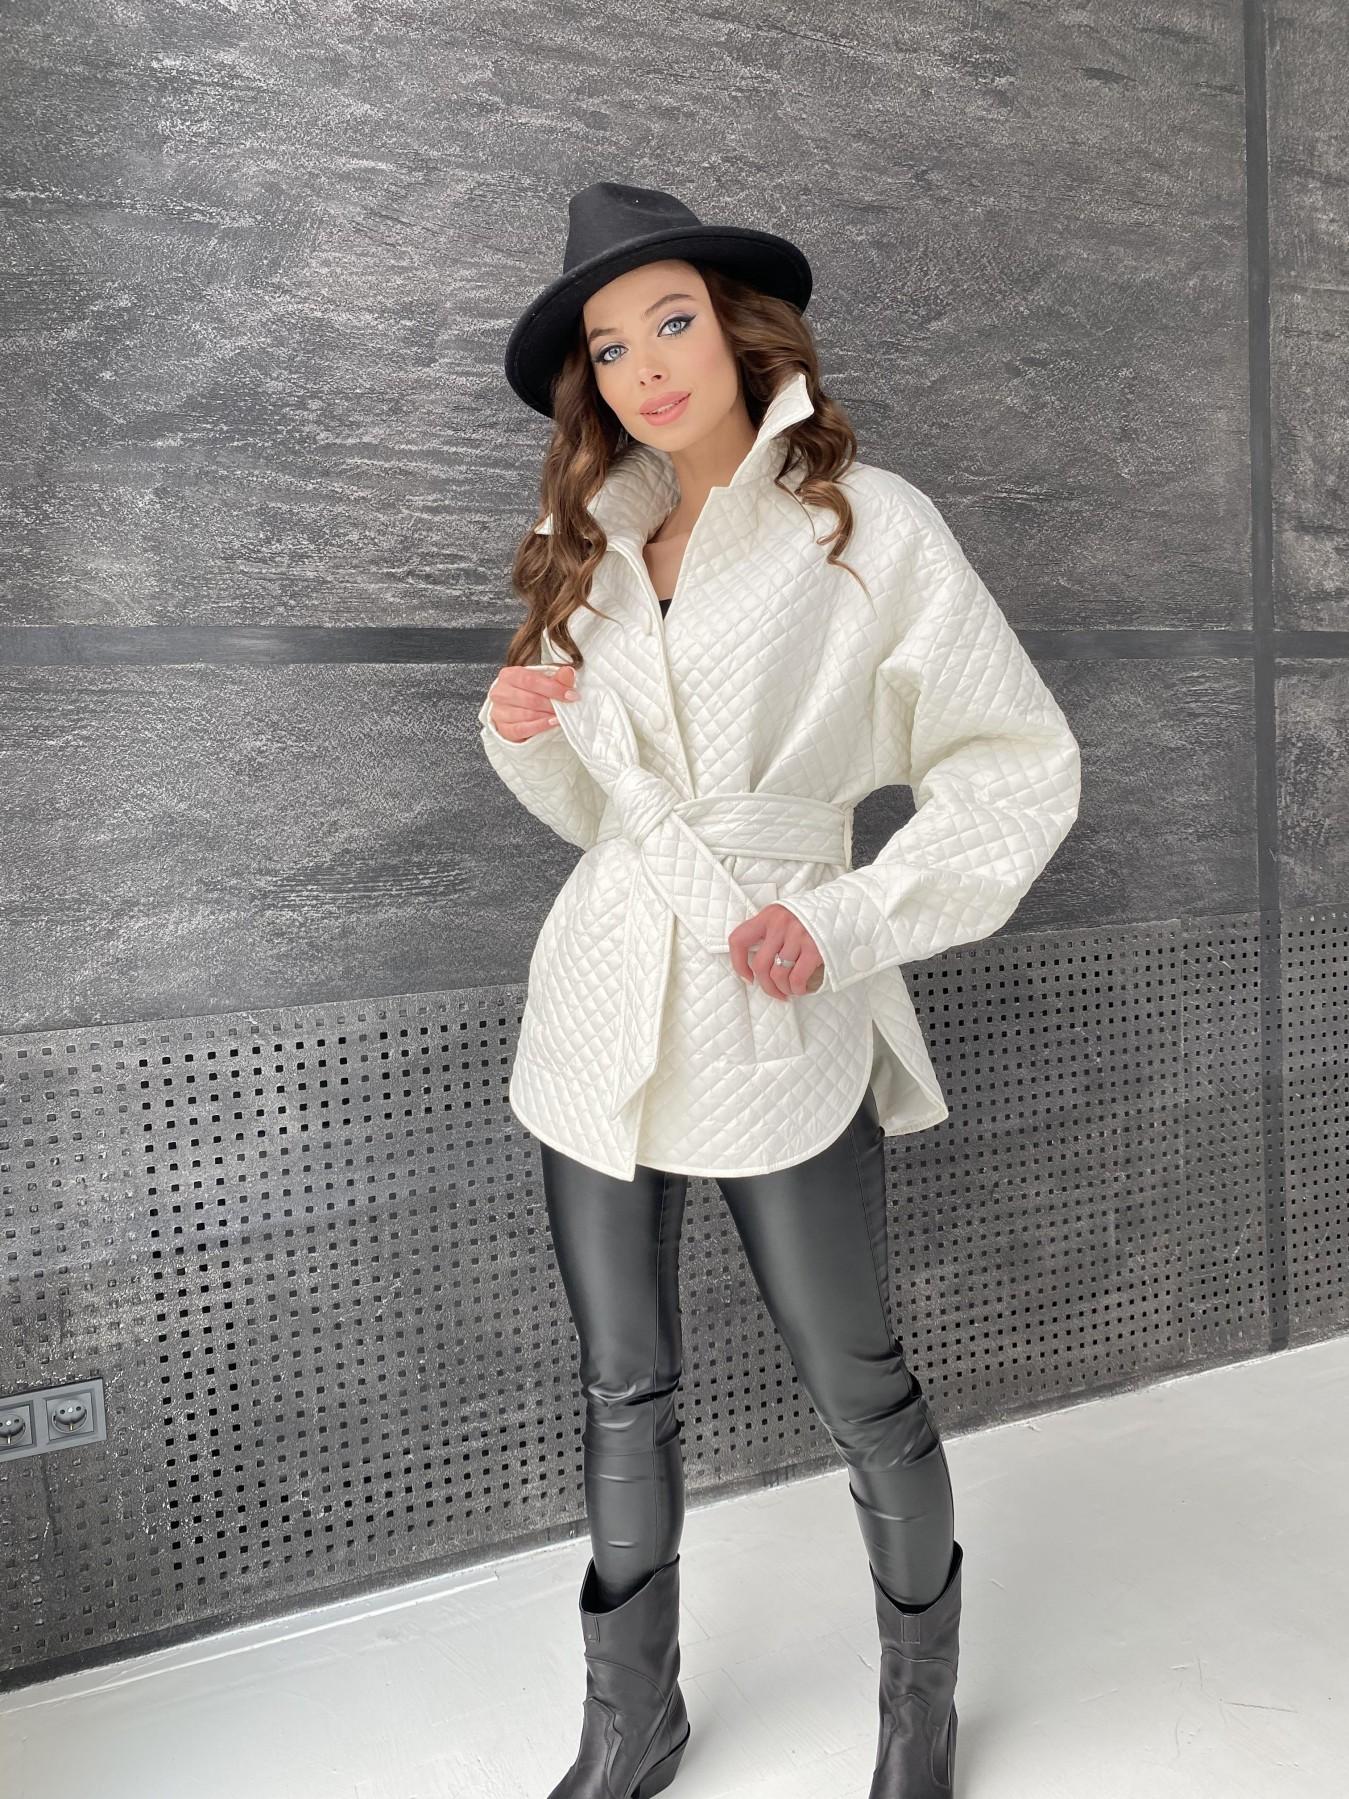 Моно куртка стеганая из  плащевой ткани 11045 АРТ. 47530 Цвет: Молоко - фото 14, интернет магазин tm-modus.ru